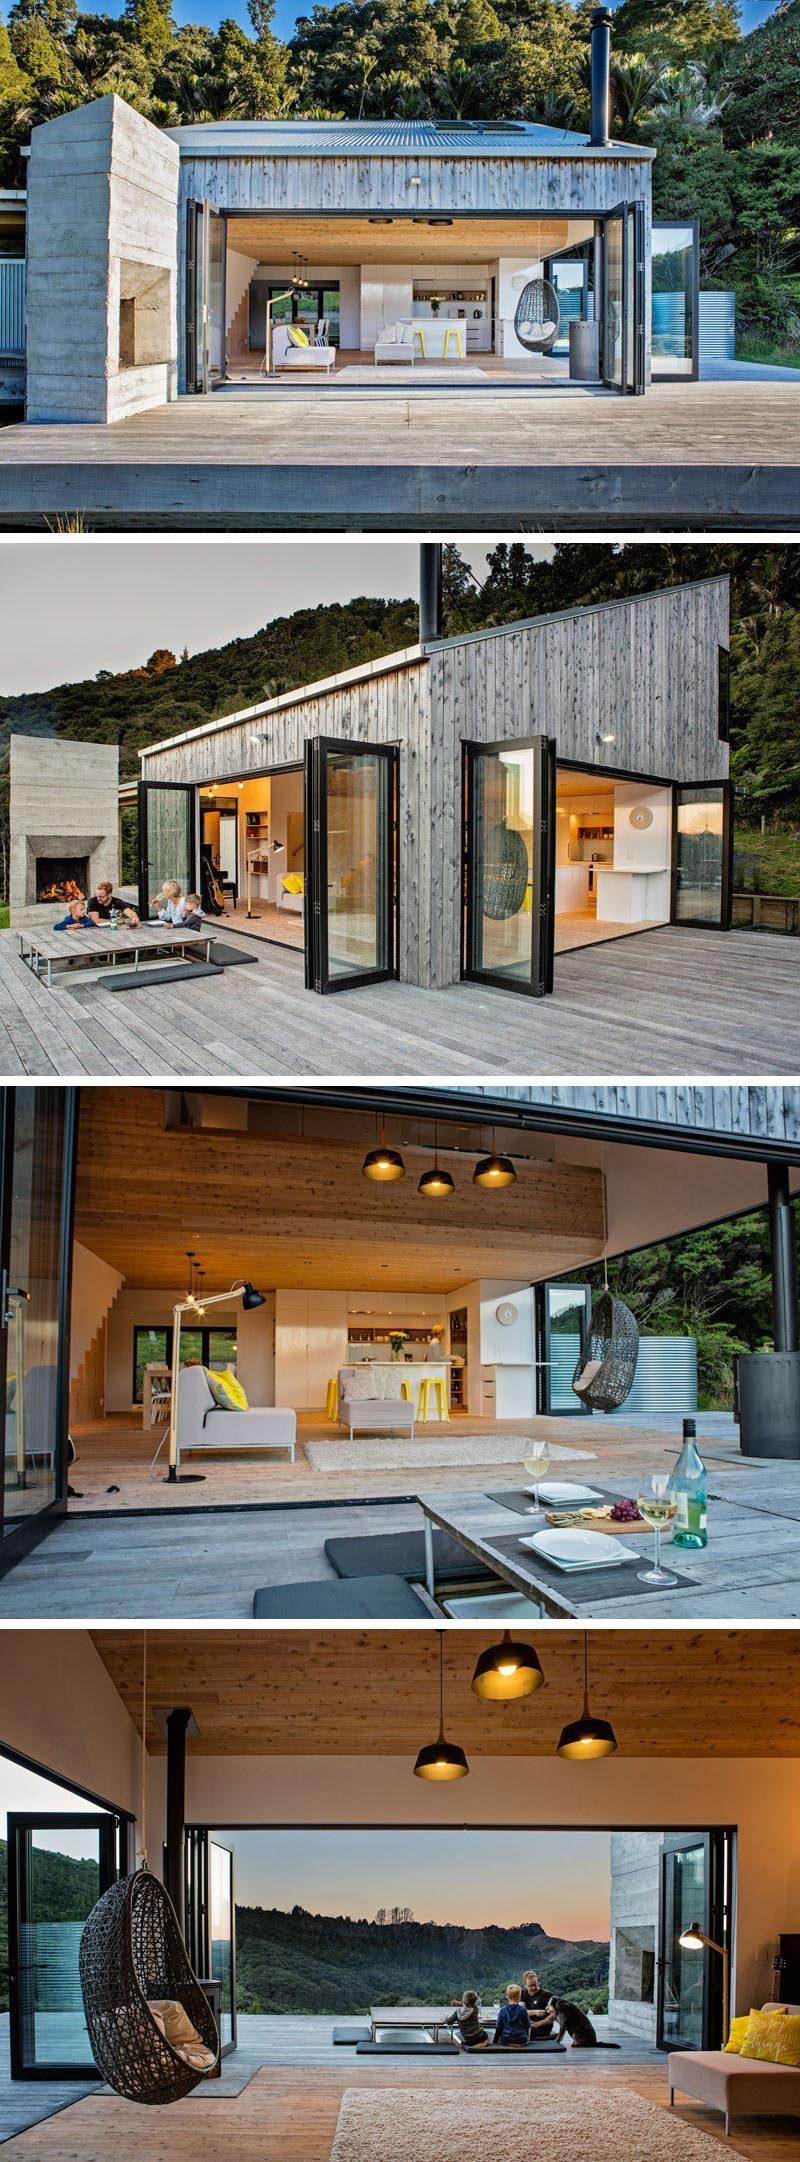 Dieses moderne Haus hat versunkene Badewannen im Deck, während die ...